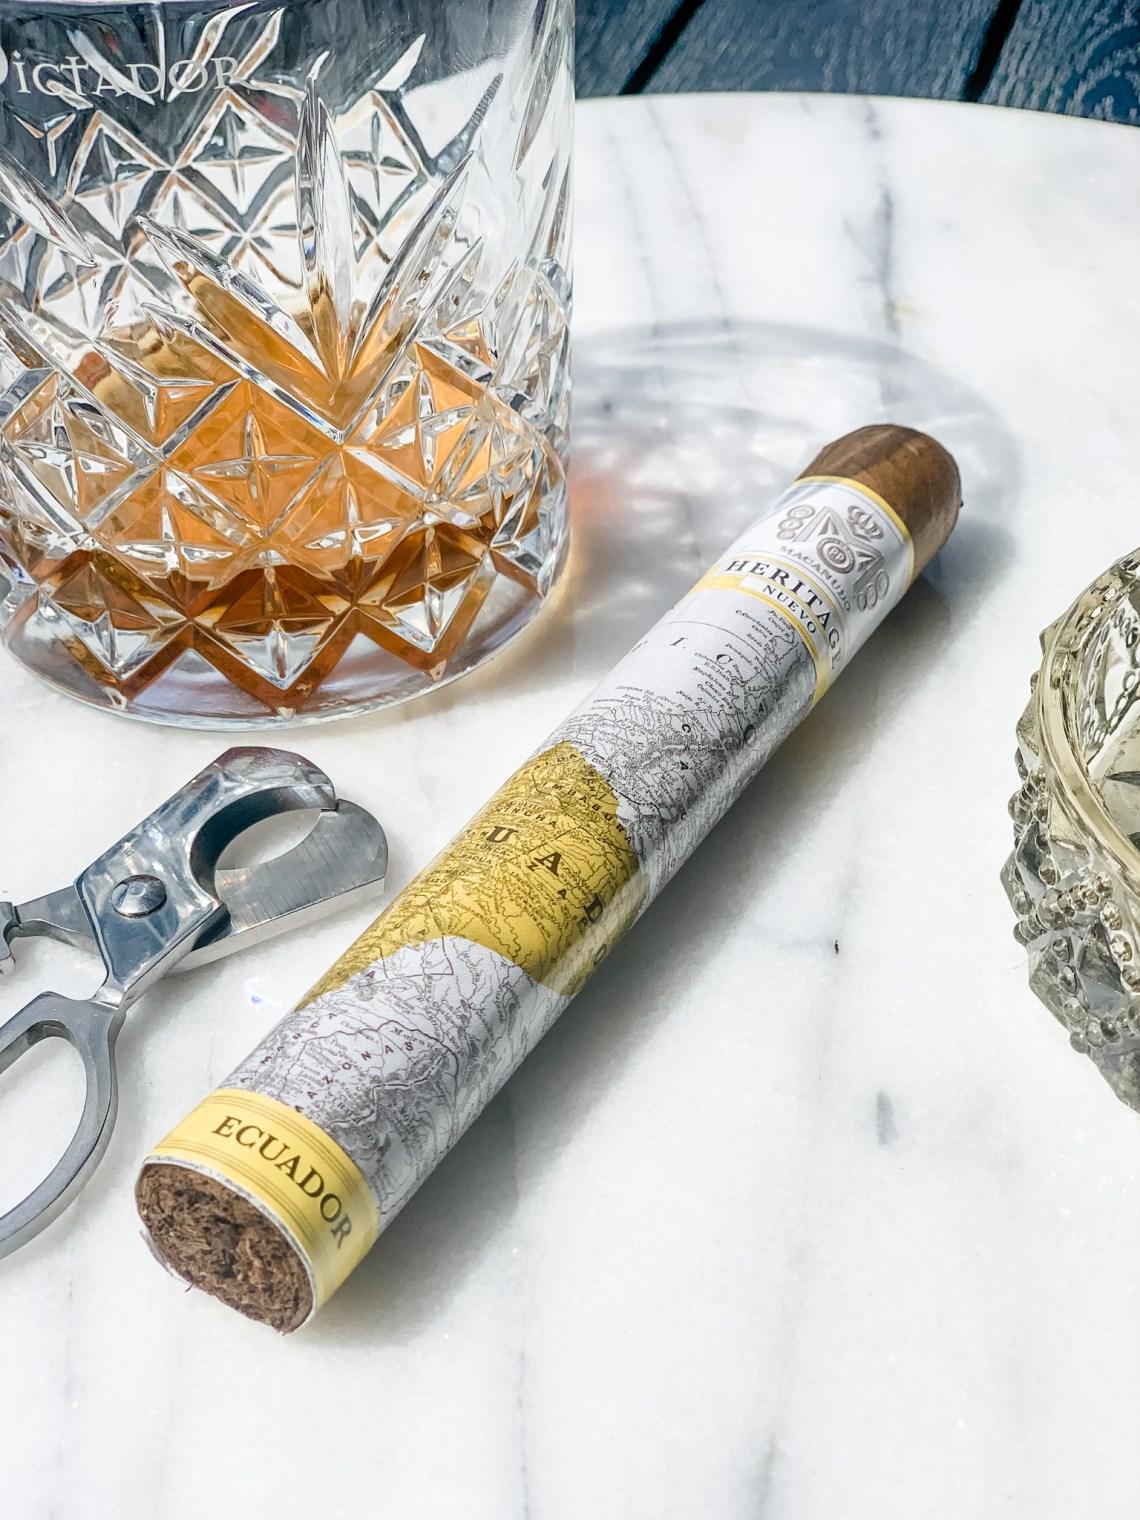 cigar for begyndere